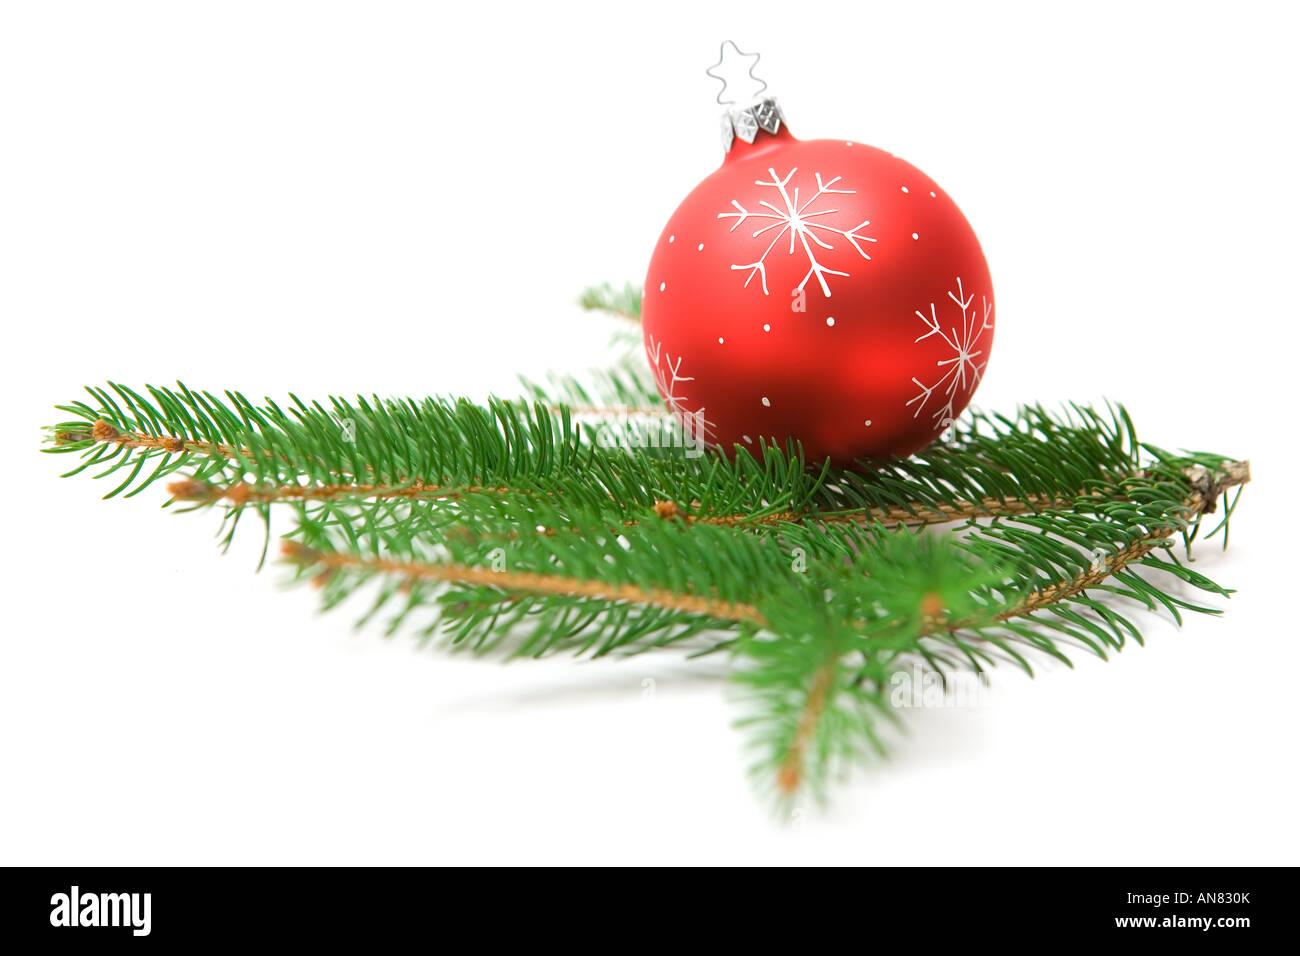 Weihnachtsbaum Ast.Weihnachtsbaum Kugel Auf Einem Grünen Tannen Ast Weißen Hintergrund